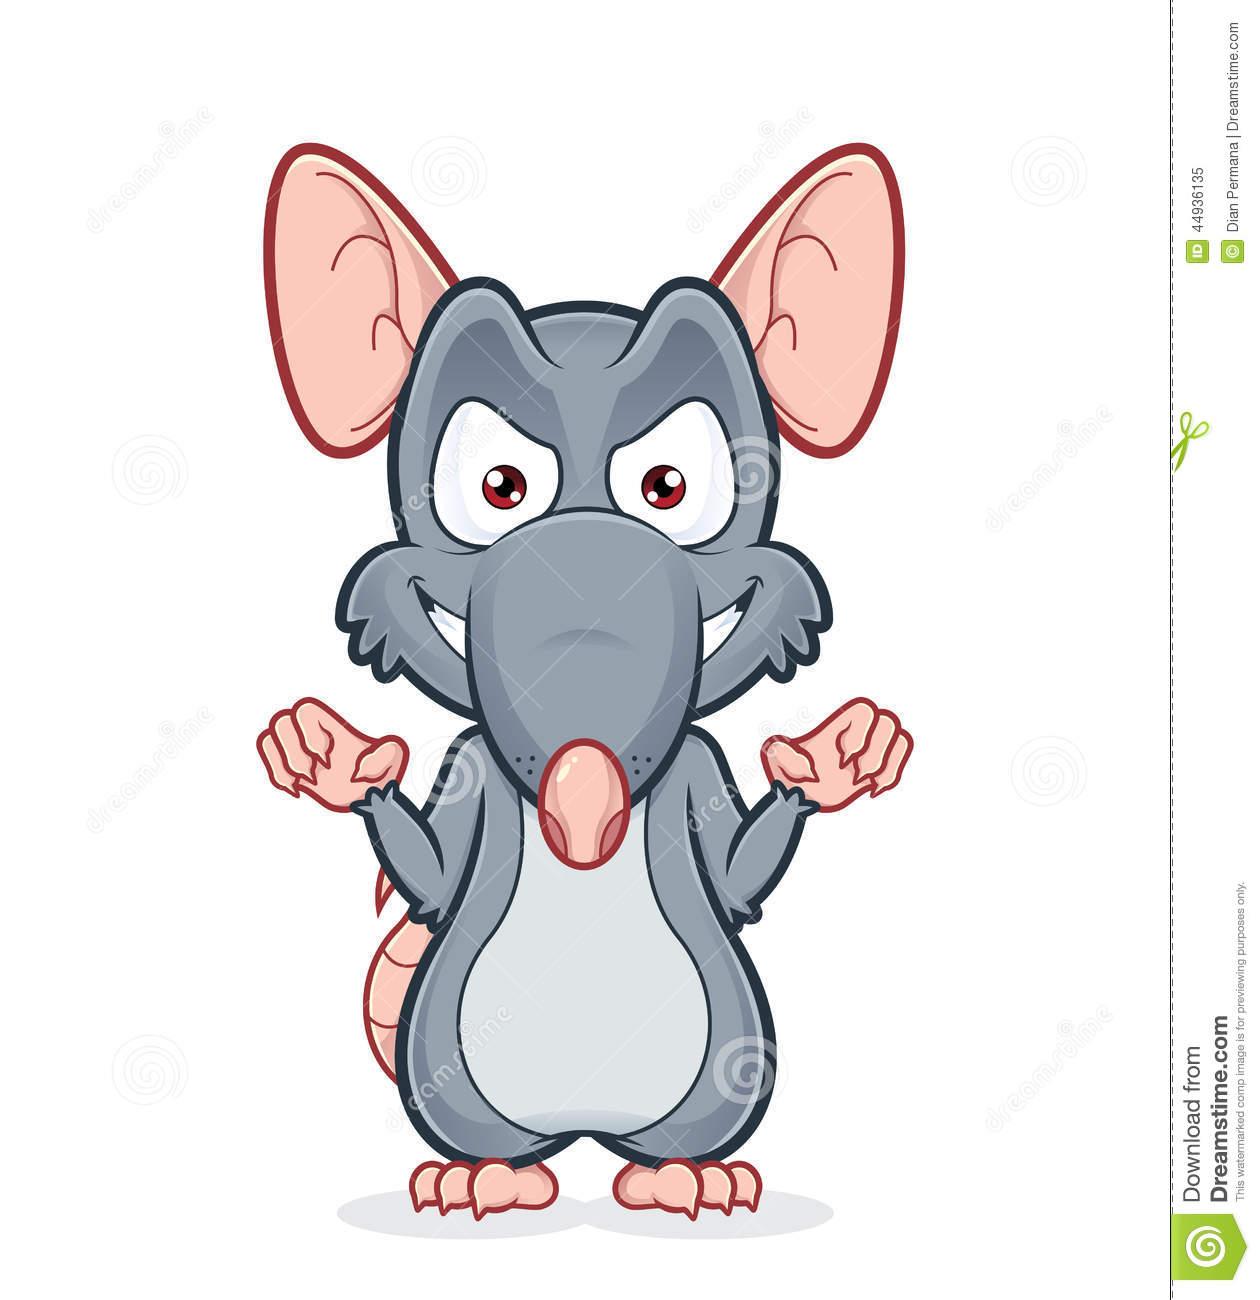 Evil Rat Clipart - Clipart Kid